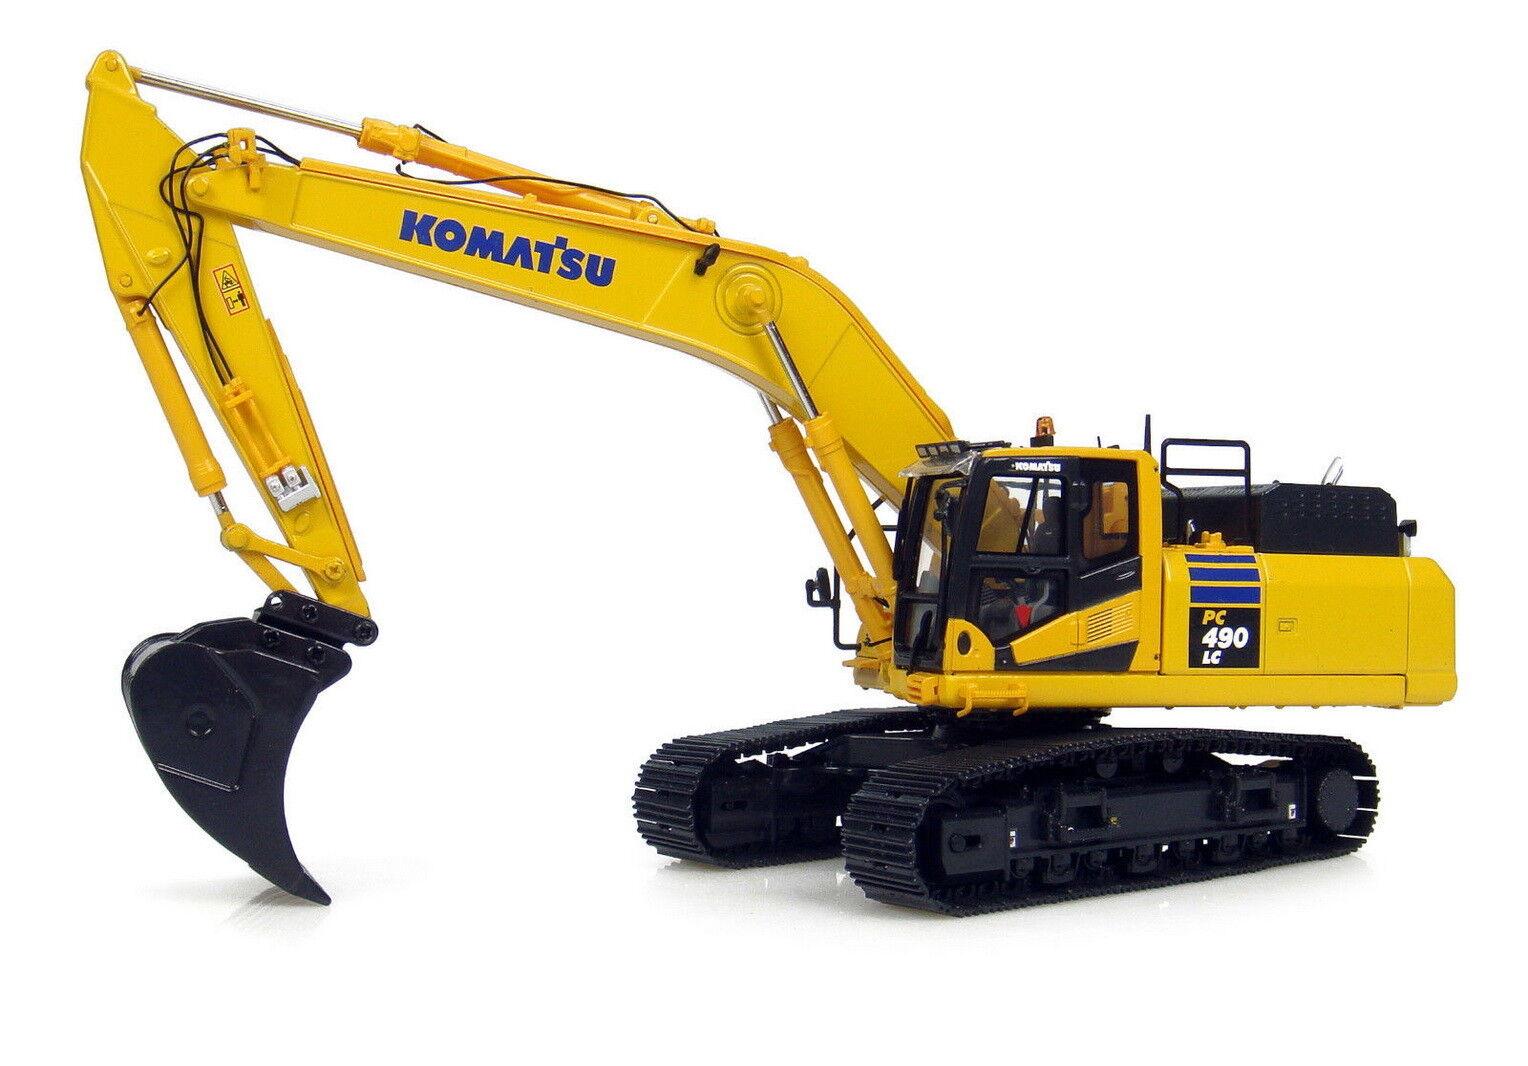 - allgemeine hobbys 1   50 komatsu pc490lc-10 bagger ein diecast modell uh8090